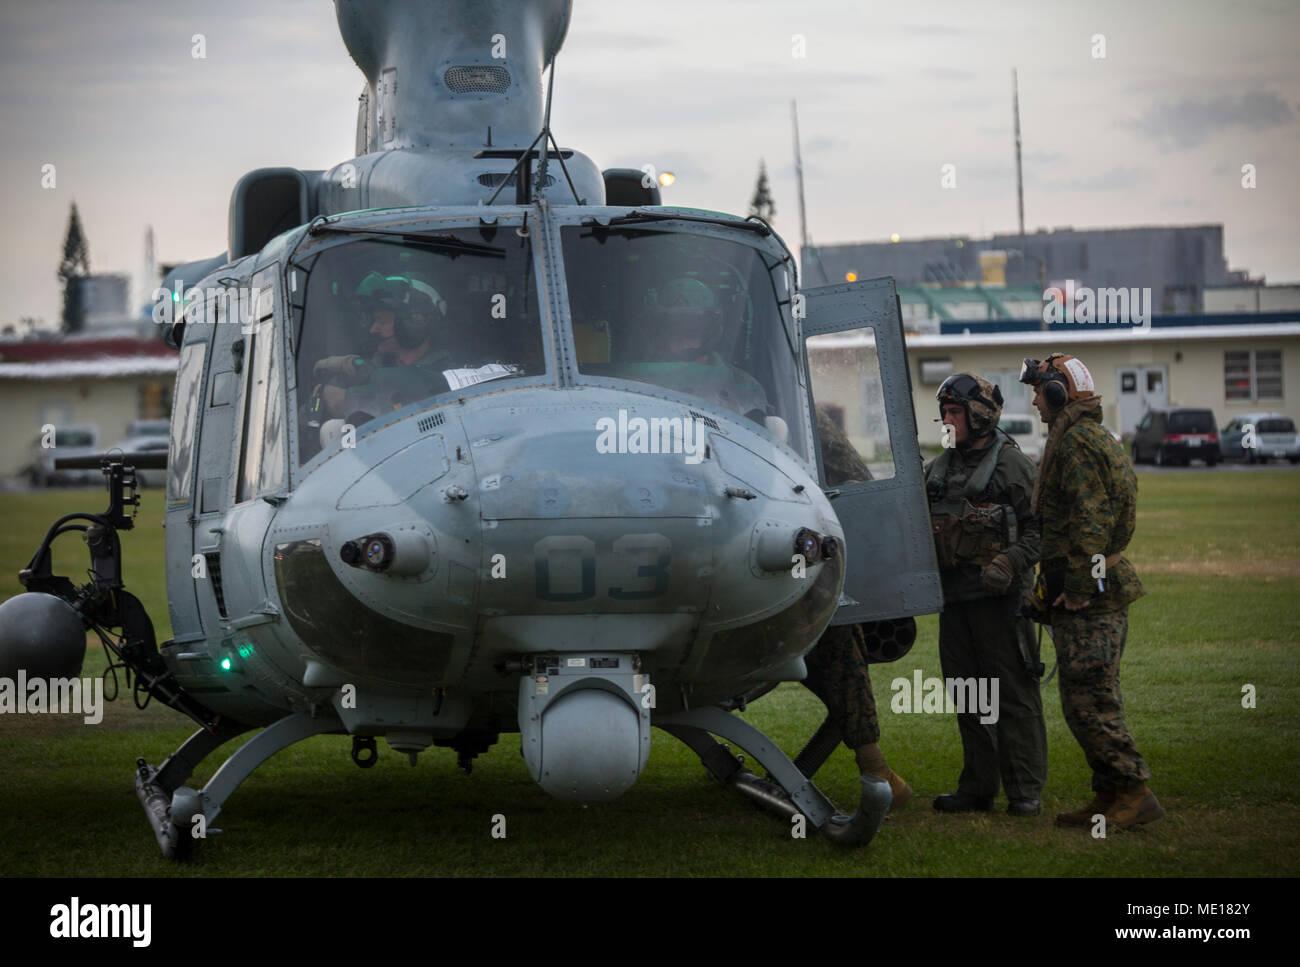 """Conseils d'un chef de l'équipe de passagers sur un UH-1Y Venom au Camp Foster, Okinawa, Japon, le 15 décembre 2017. L'Escadron d'hélicoptères d'attaque légère Marine 369 fourni Le lieutenant général Brian D. Beaudreault, commandant adjoint des plans, des politiques et des opérations, un vol autour de la préfecture d'Okinawa pour évaluer la qualité de service de la Marine Corps. chowhalls La """"gunfighters'"""" sont prêts à agir à tout moment est crucial pour le maintien d'un Canada plus fort, plus capable de l'avant dans la force déployée Indo-Asia-région du Pacifique. HMLA-369, Marine Aircraft Group 39, 3rd Marine Aircraft Wing, est actuellement déployée en vertu de l'avant Banque D'Images"""